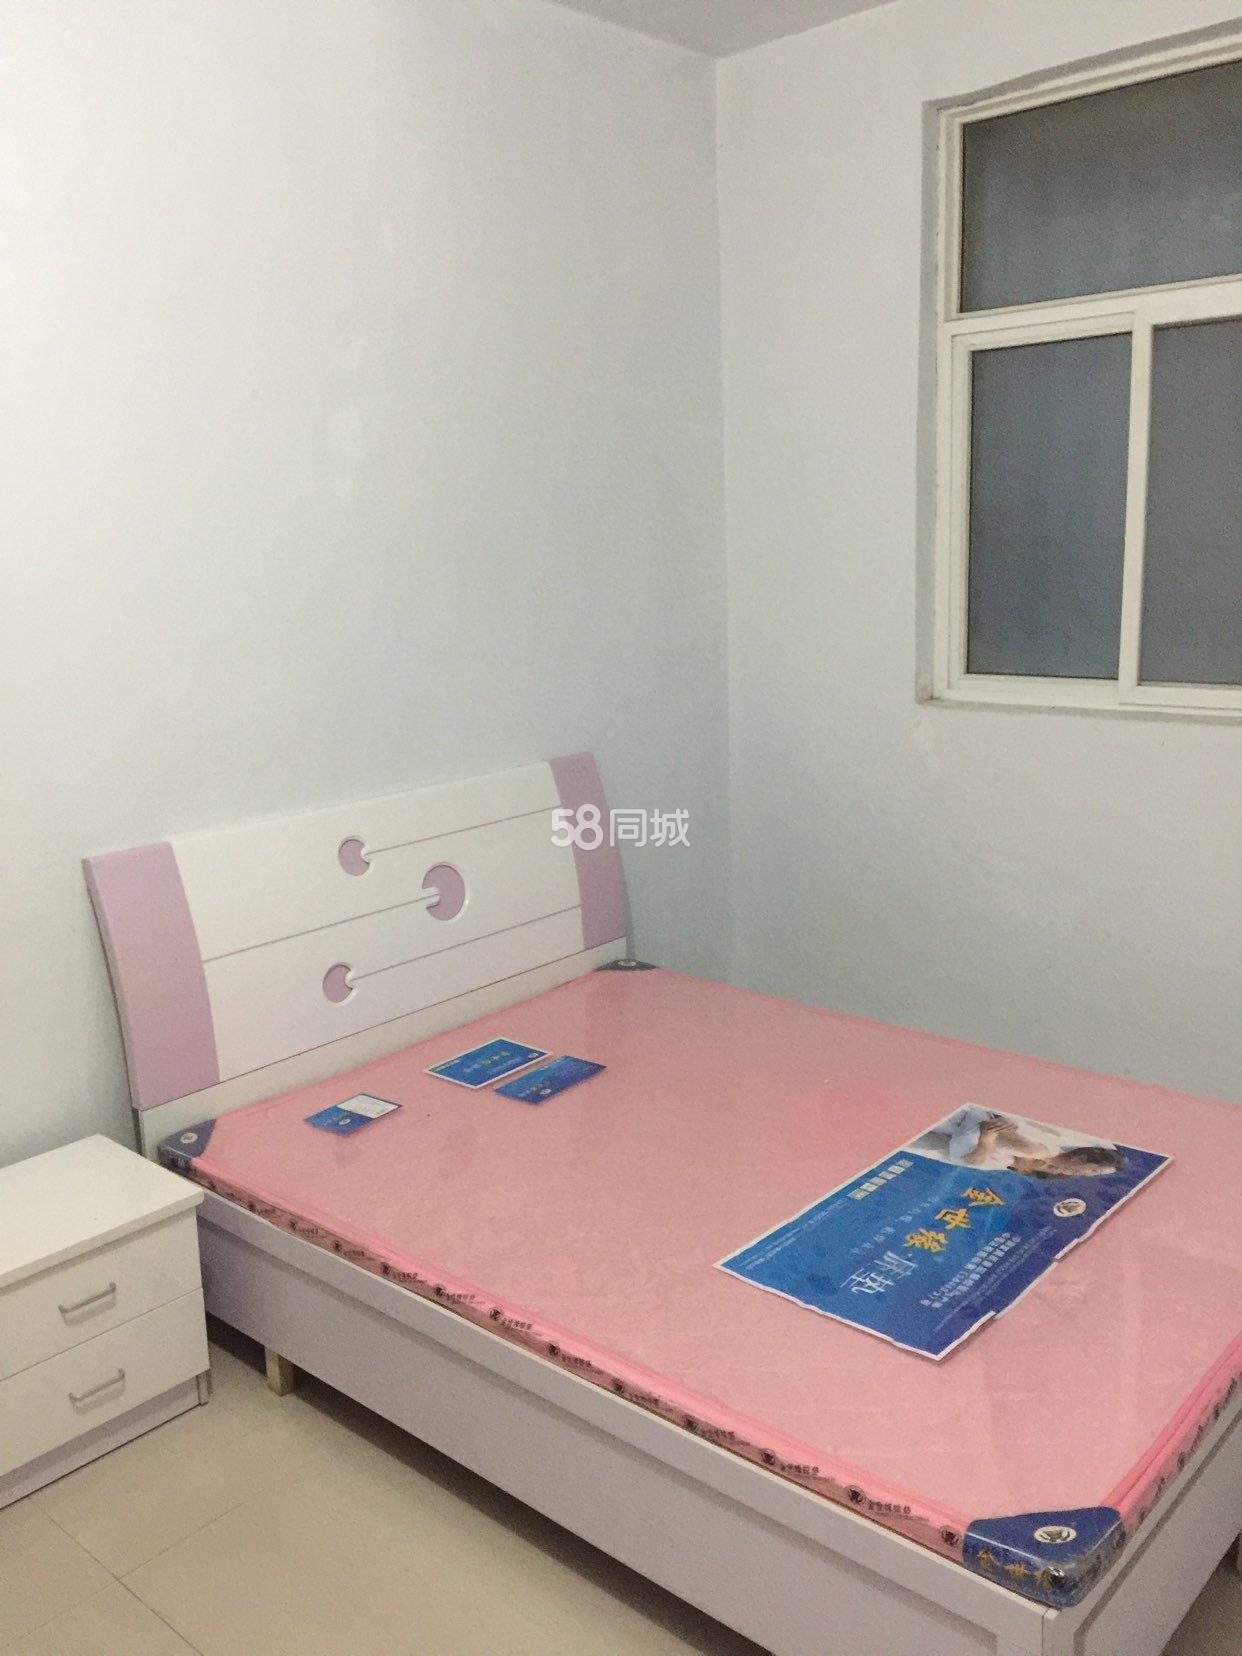 八一路眼科医院对面一室一卫空调光纤安全干净1室0厅1卫